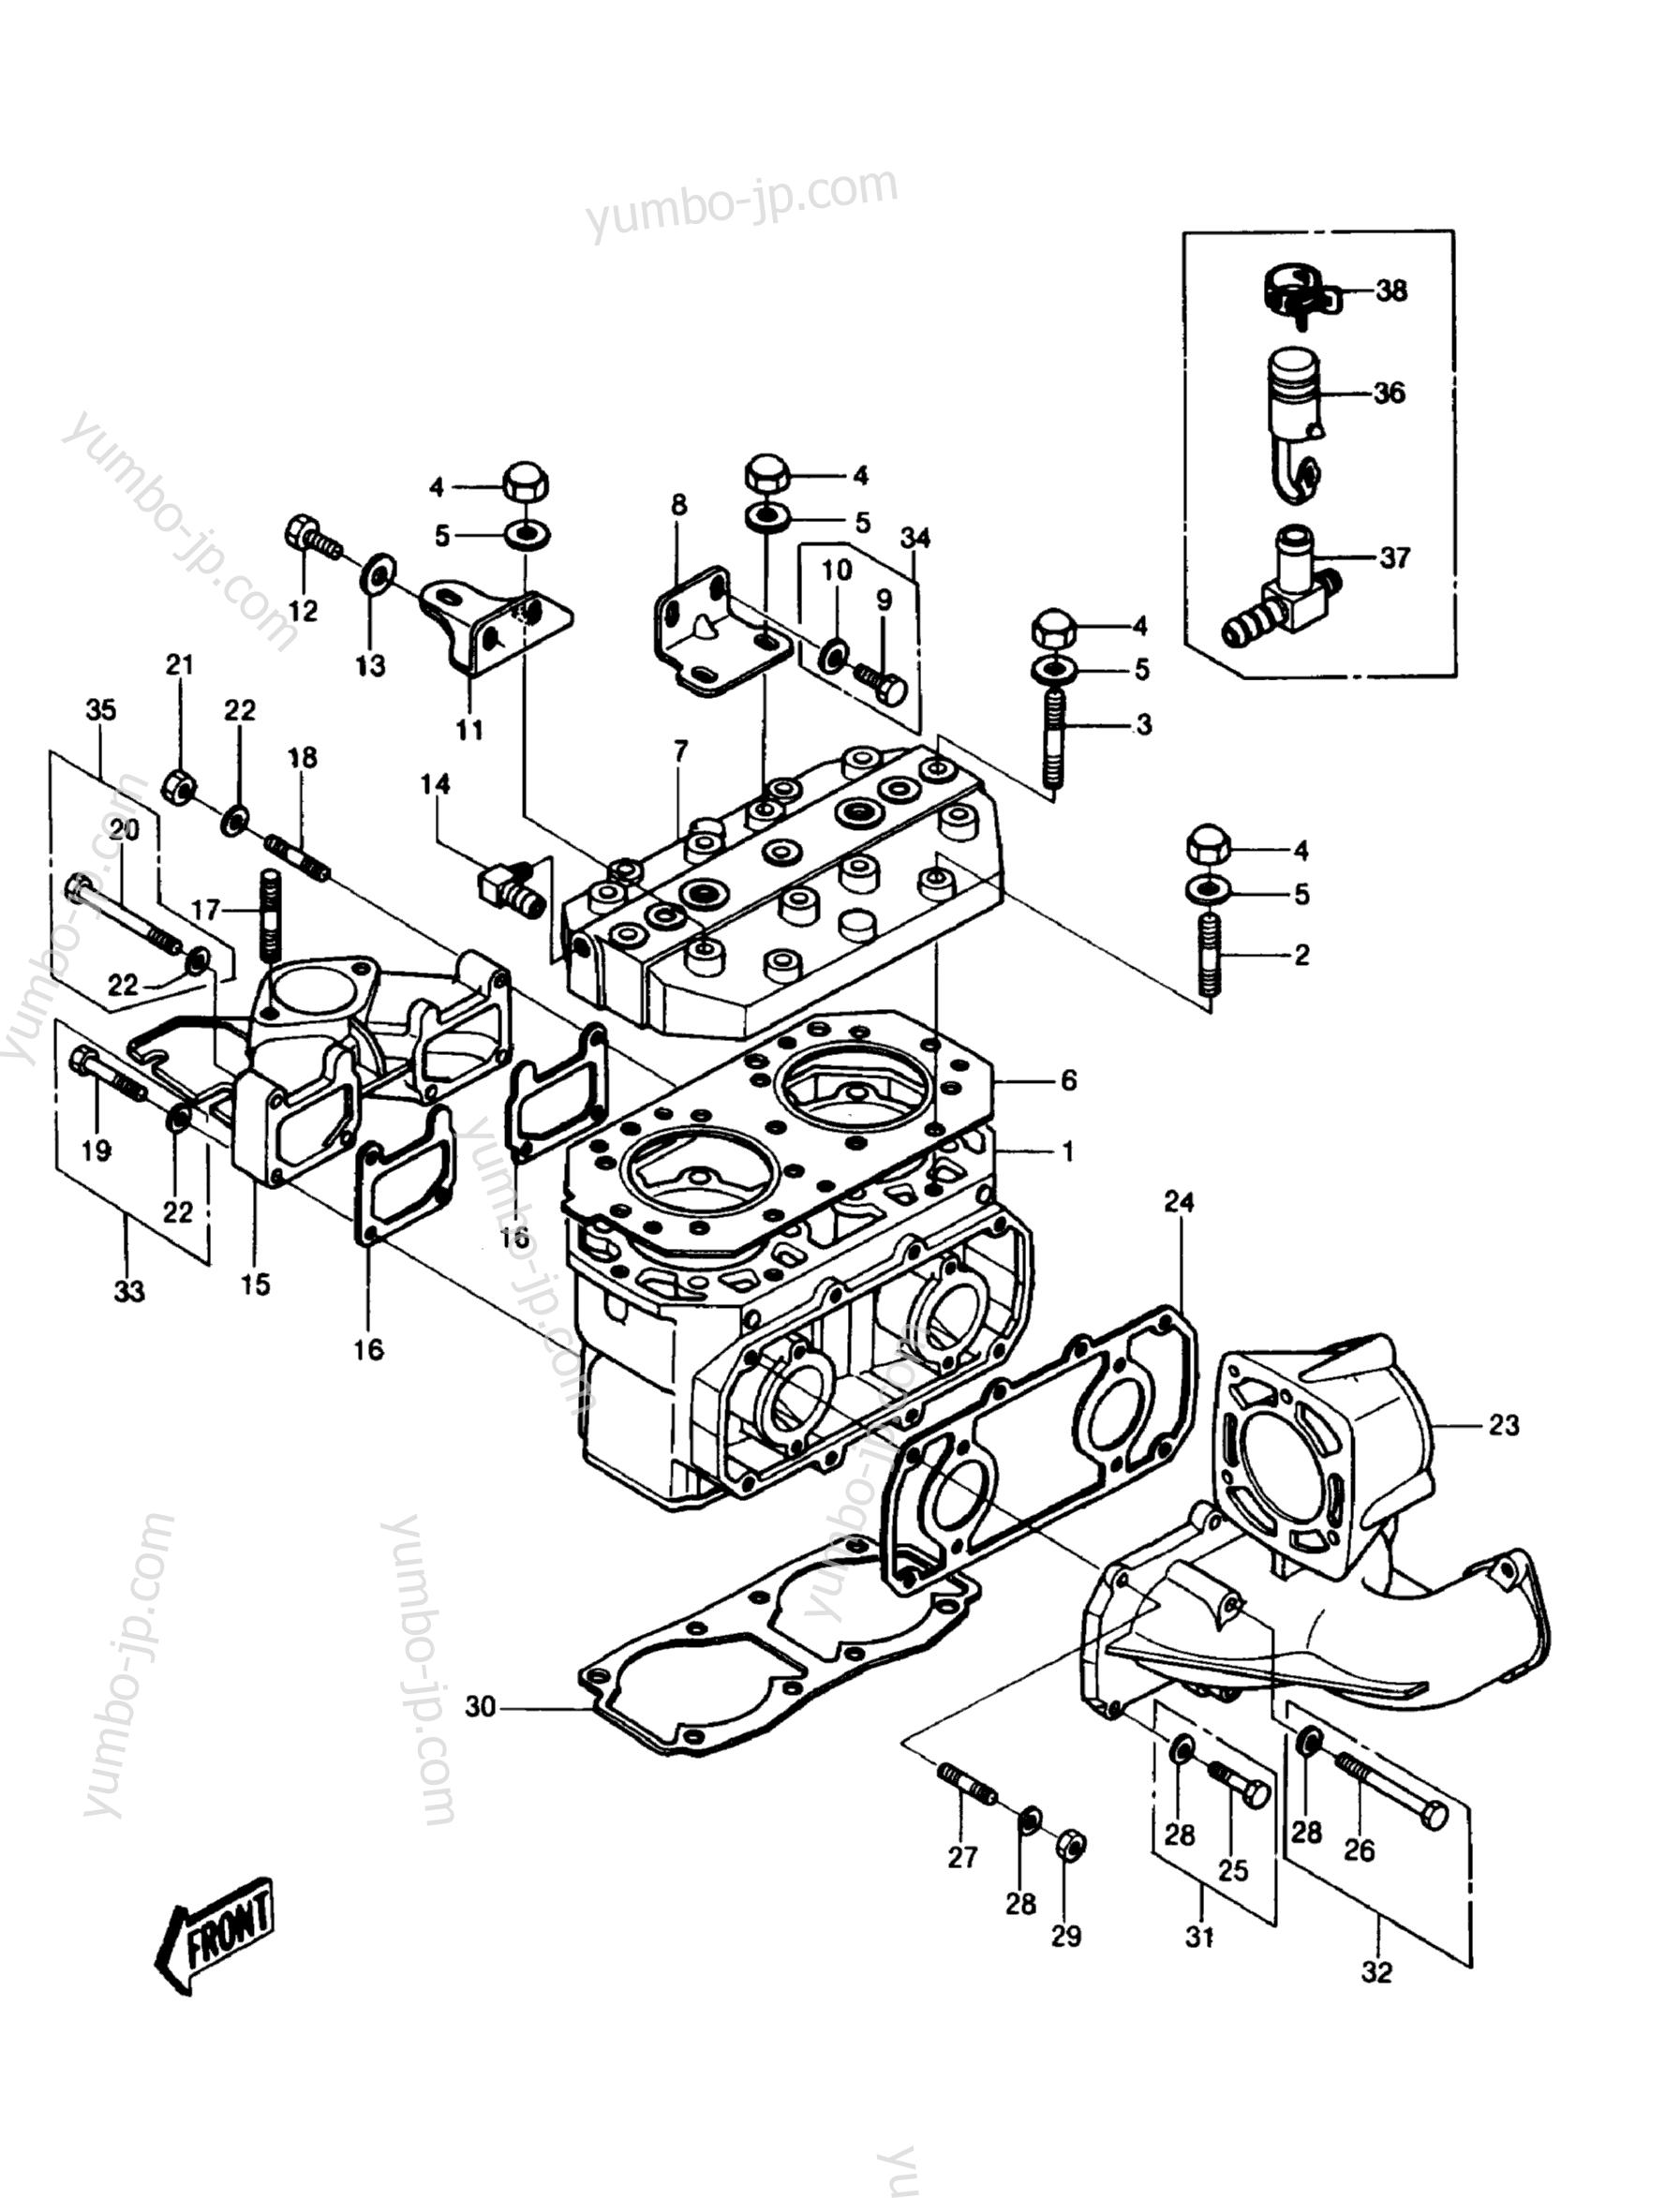 CYLINDER HEAD/CYLINDER для гидроциклов KAWASAKI JST SKI 550 (JS550-A6) 1987 г.